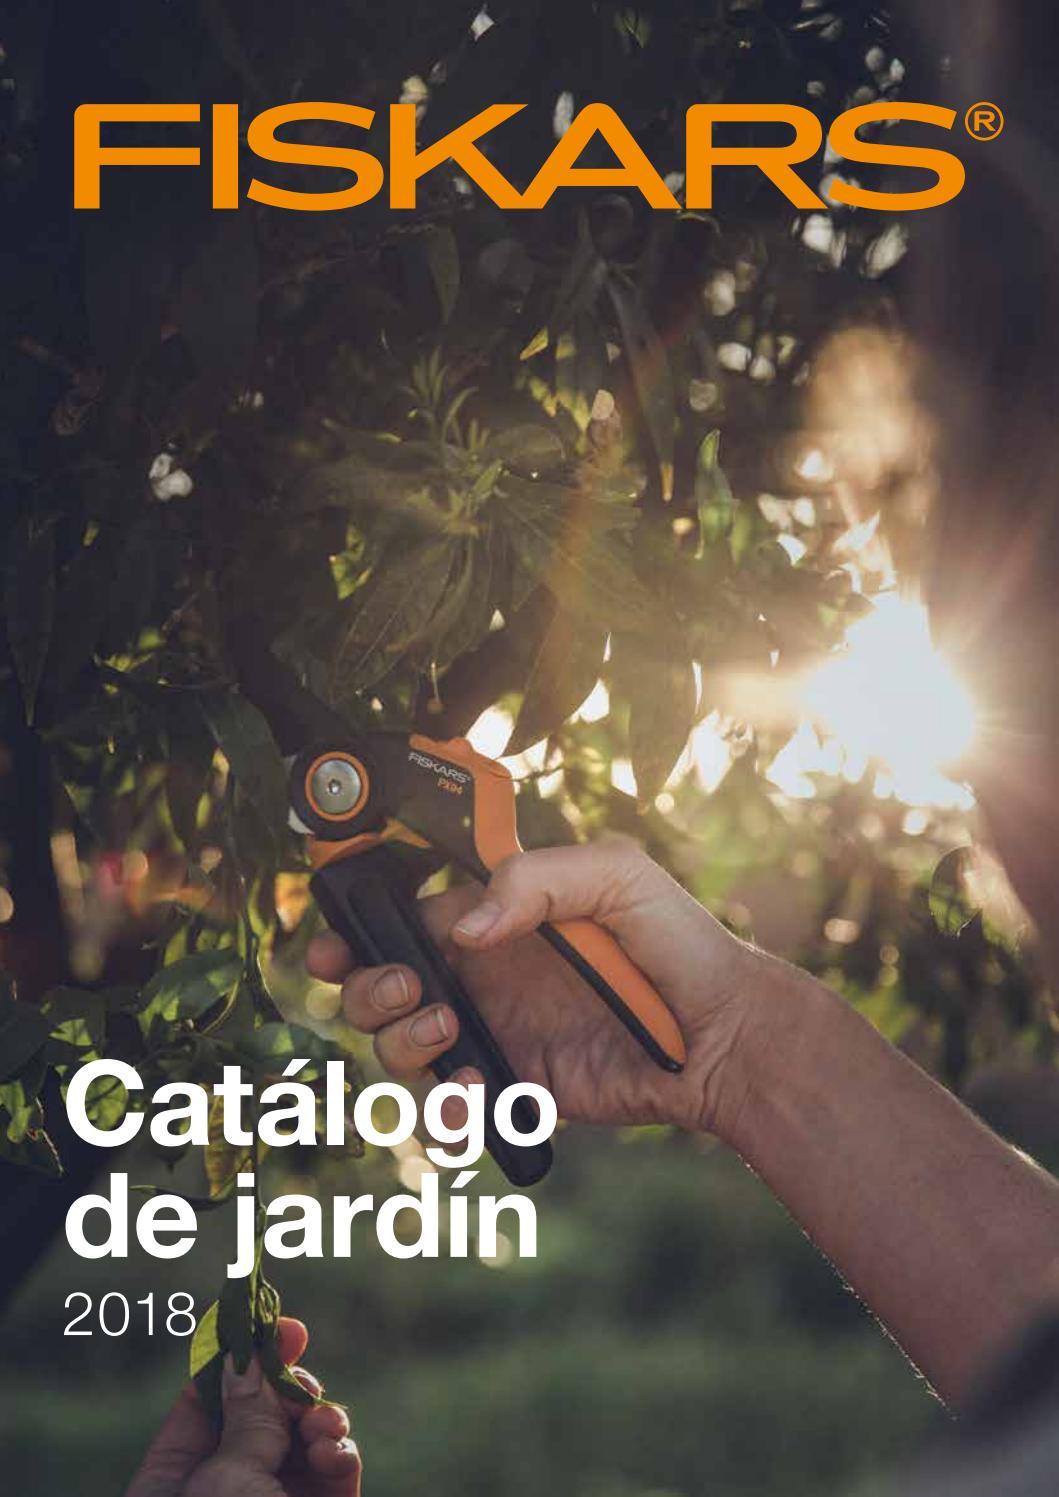 disco de afilado Cortac/ésped Herramientas de jardiner/ía con gu/ía para cortac/ésped giratorio tijeras de podar Afilador de cuchillas para cortac/ésped tijeras y tijeras de rosas tijeras de podar